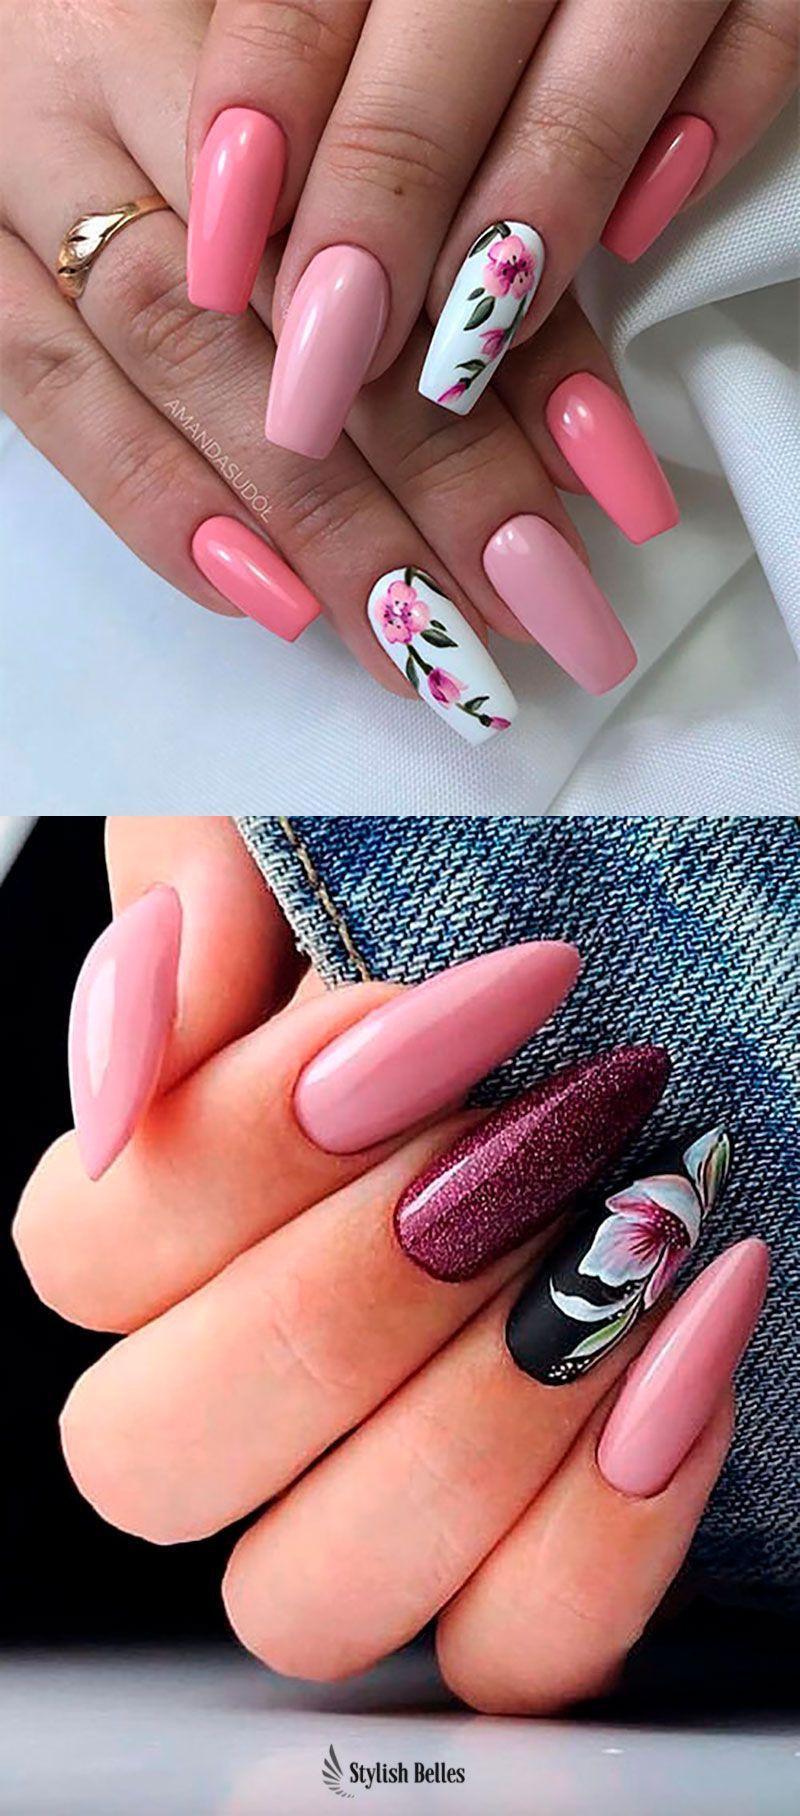 Best Nails Ideas For Spring 2019 In 2020 Gelove Nehty Design Nehtu Nehet